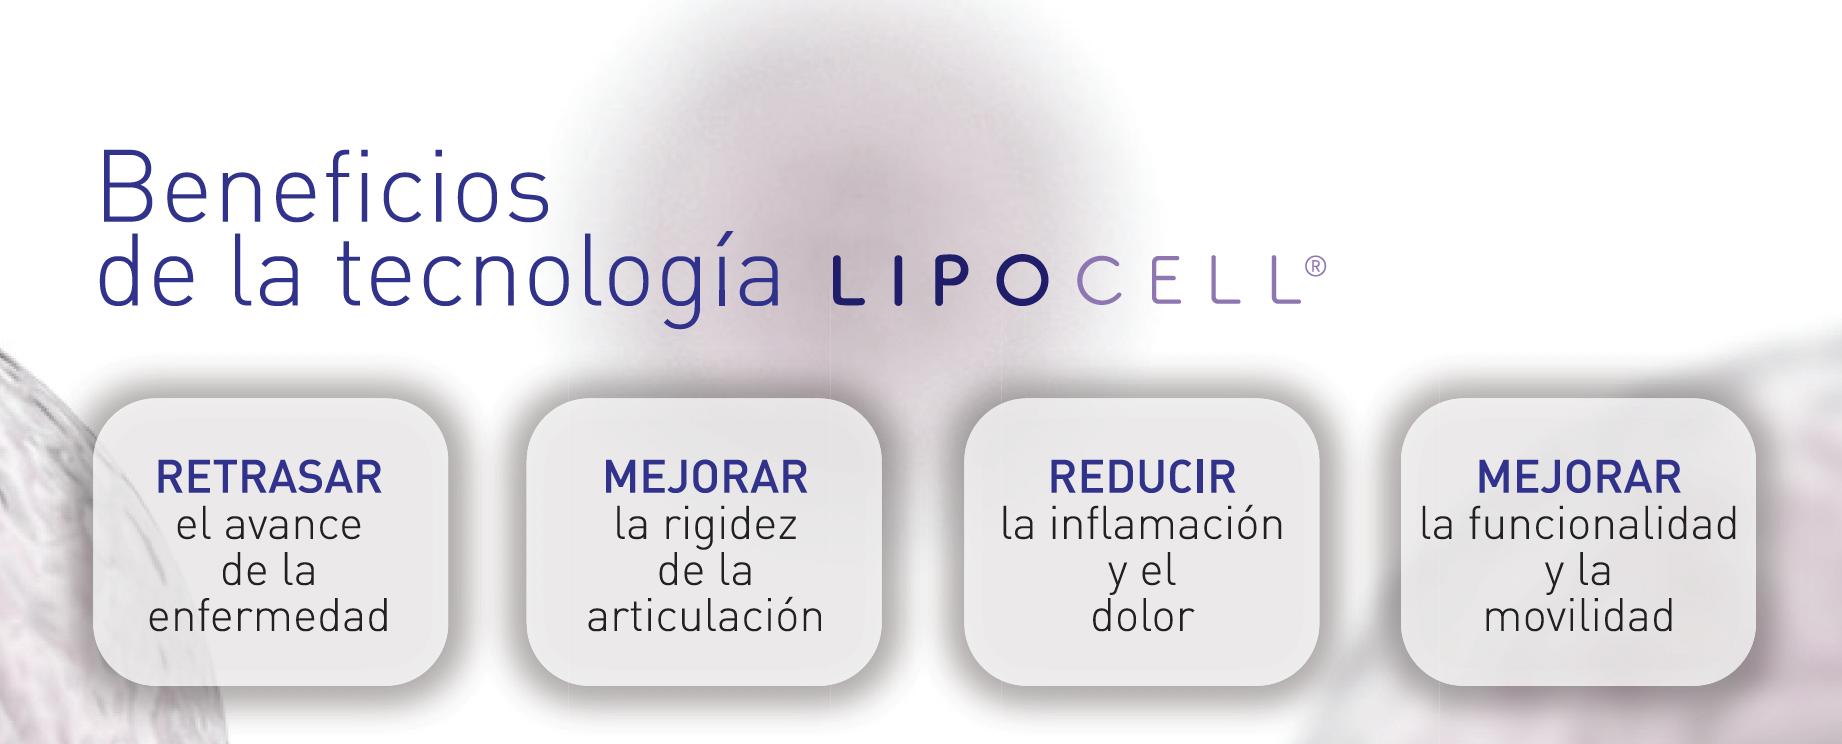 células madre mesenquimales